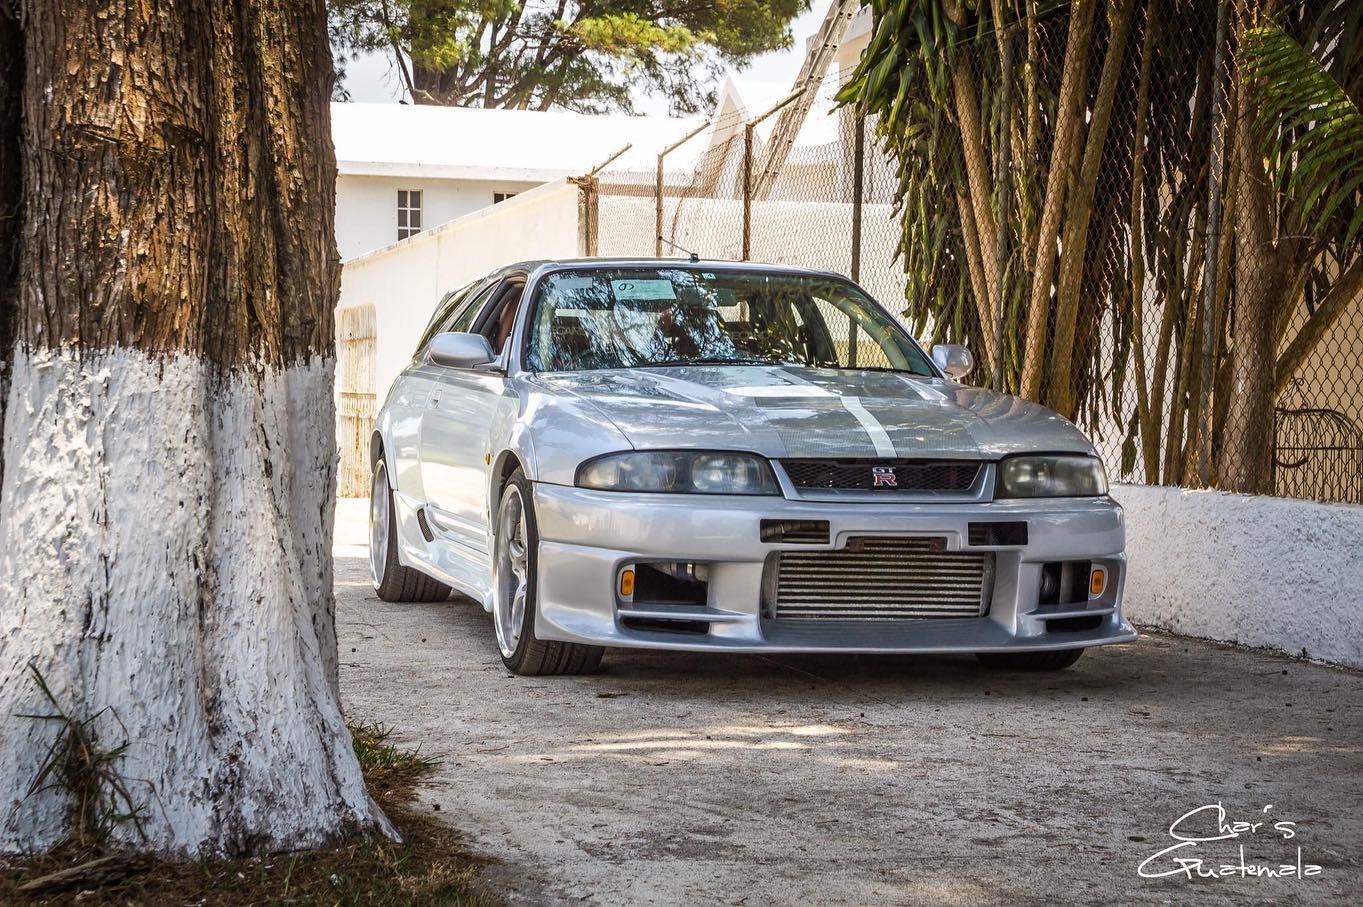 Nissan-Skyline-GT-R-R33-Speedwagon-1